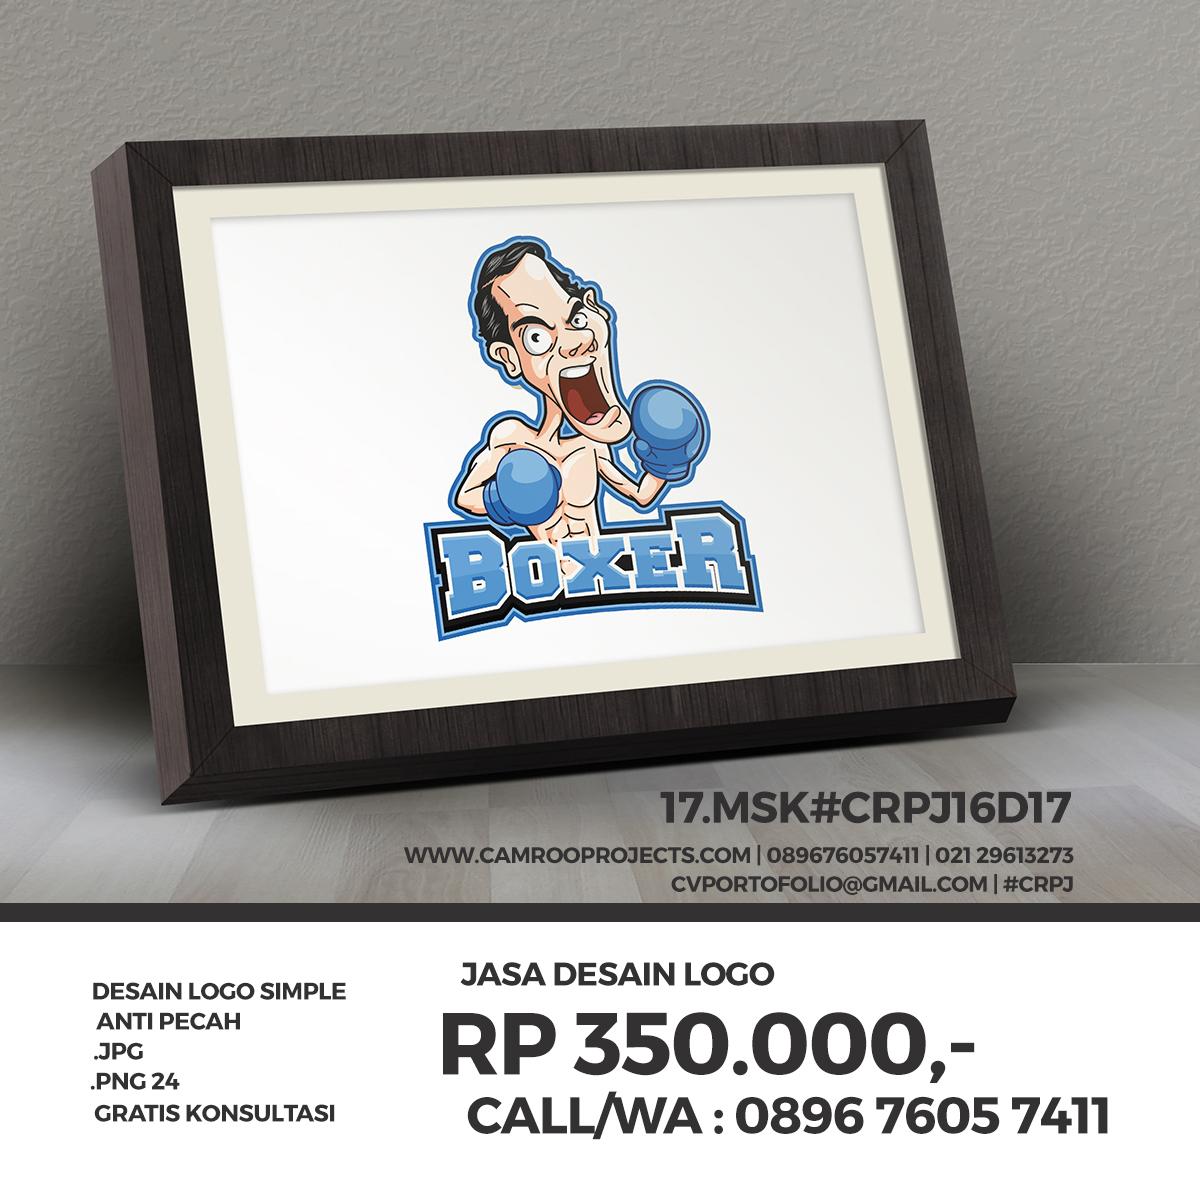 Harga Jasa Pembuatan Grafis Bagus di Jakarta